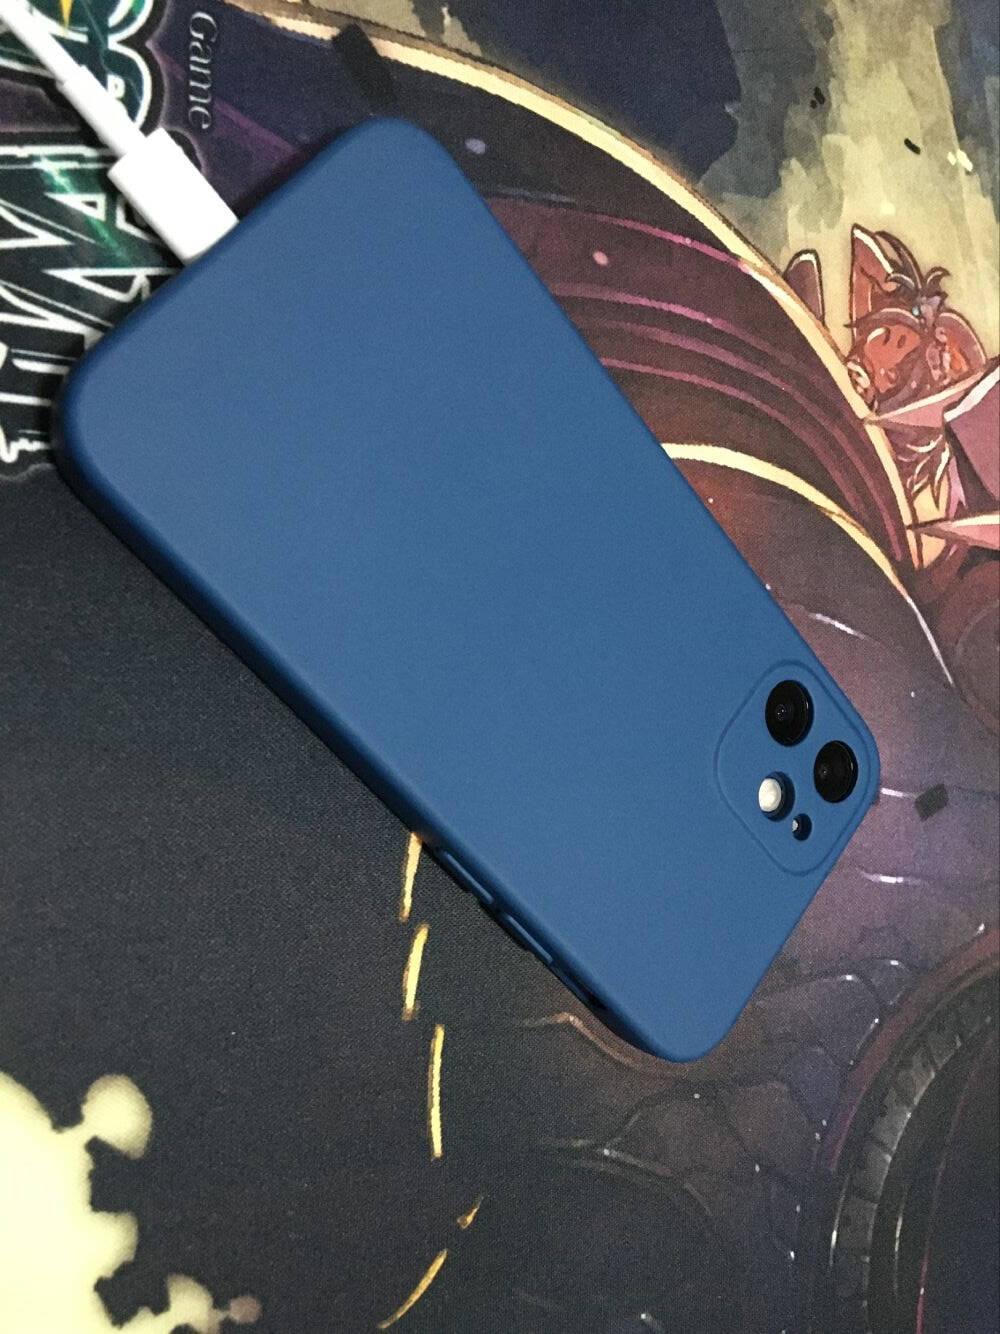 品胜苹果12手机壳iphone12液态硅胶保护套全包防摔12软壳直边网红新款手机壳黑色